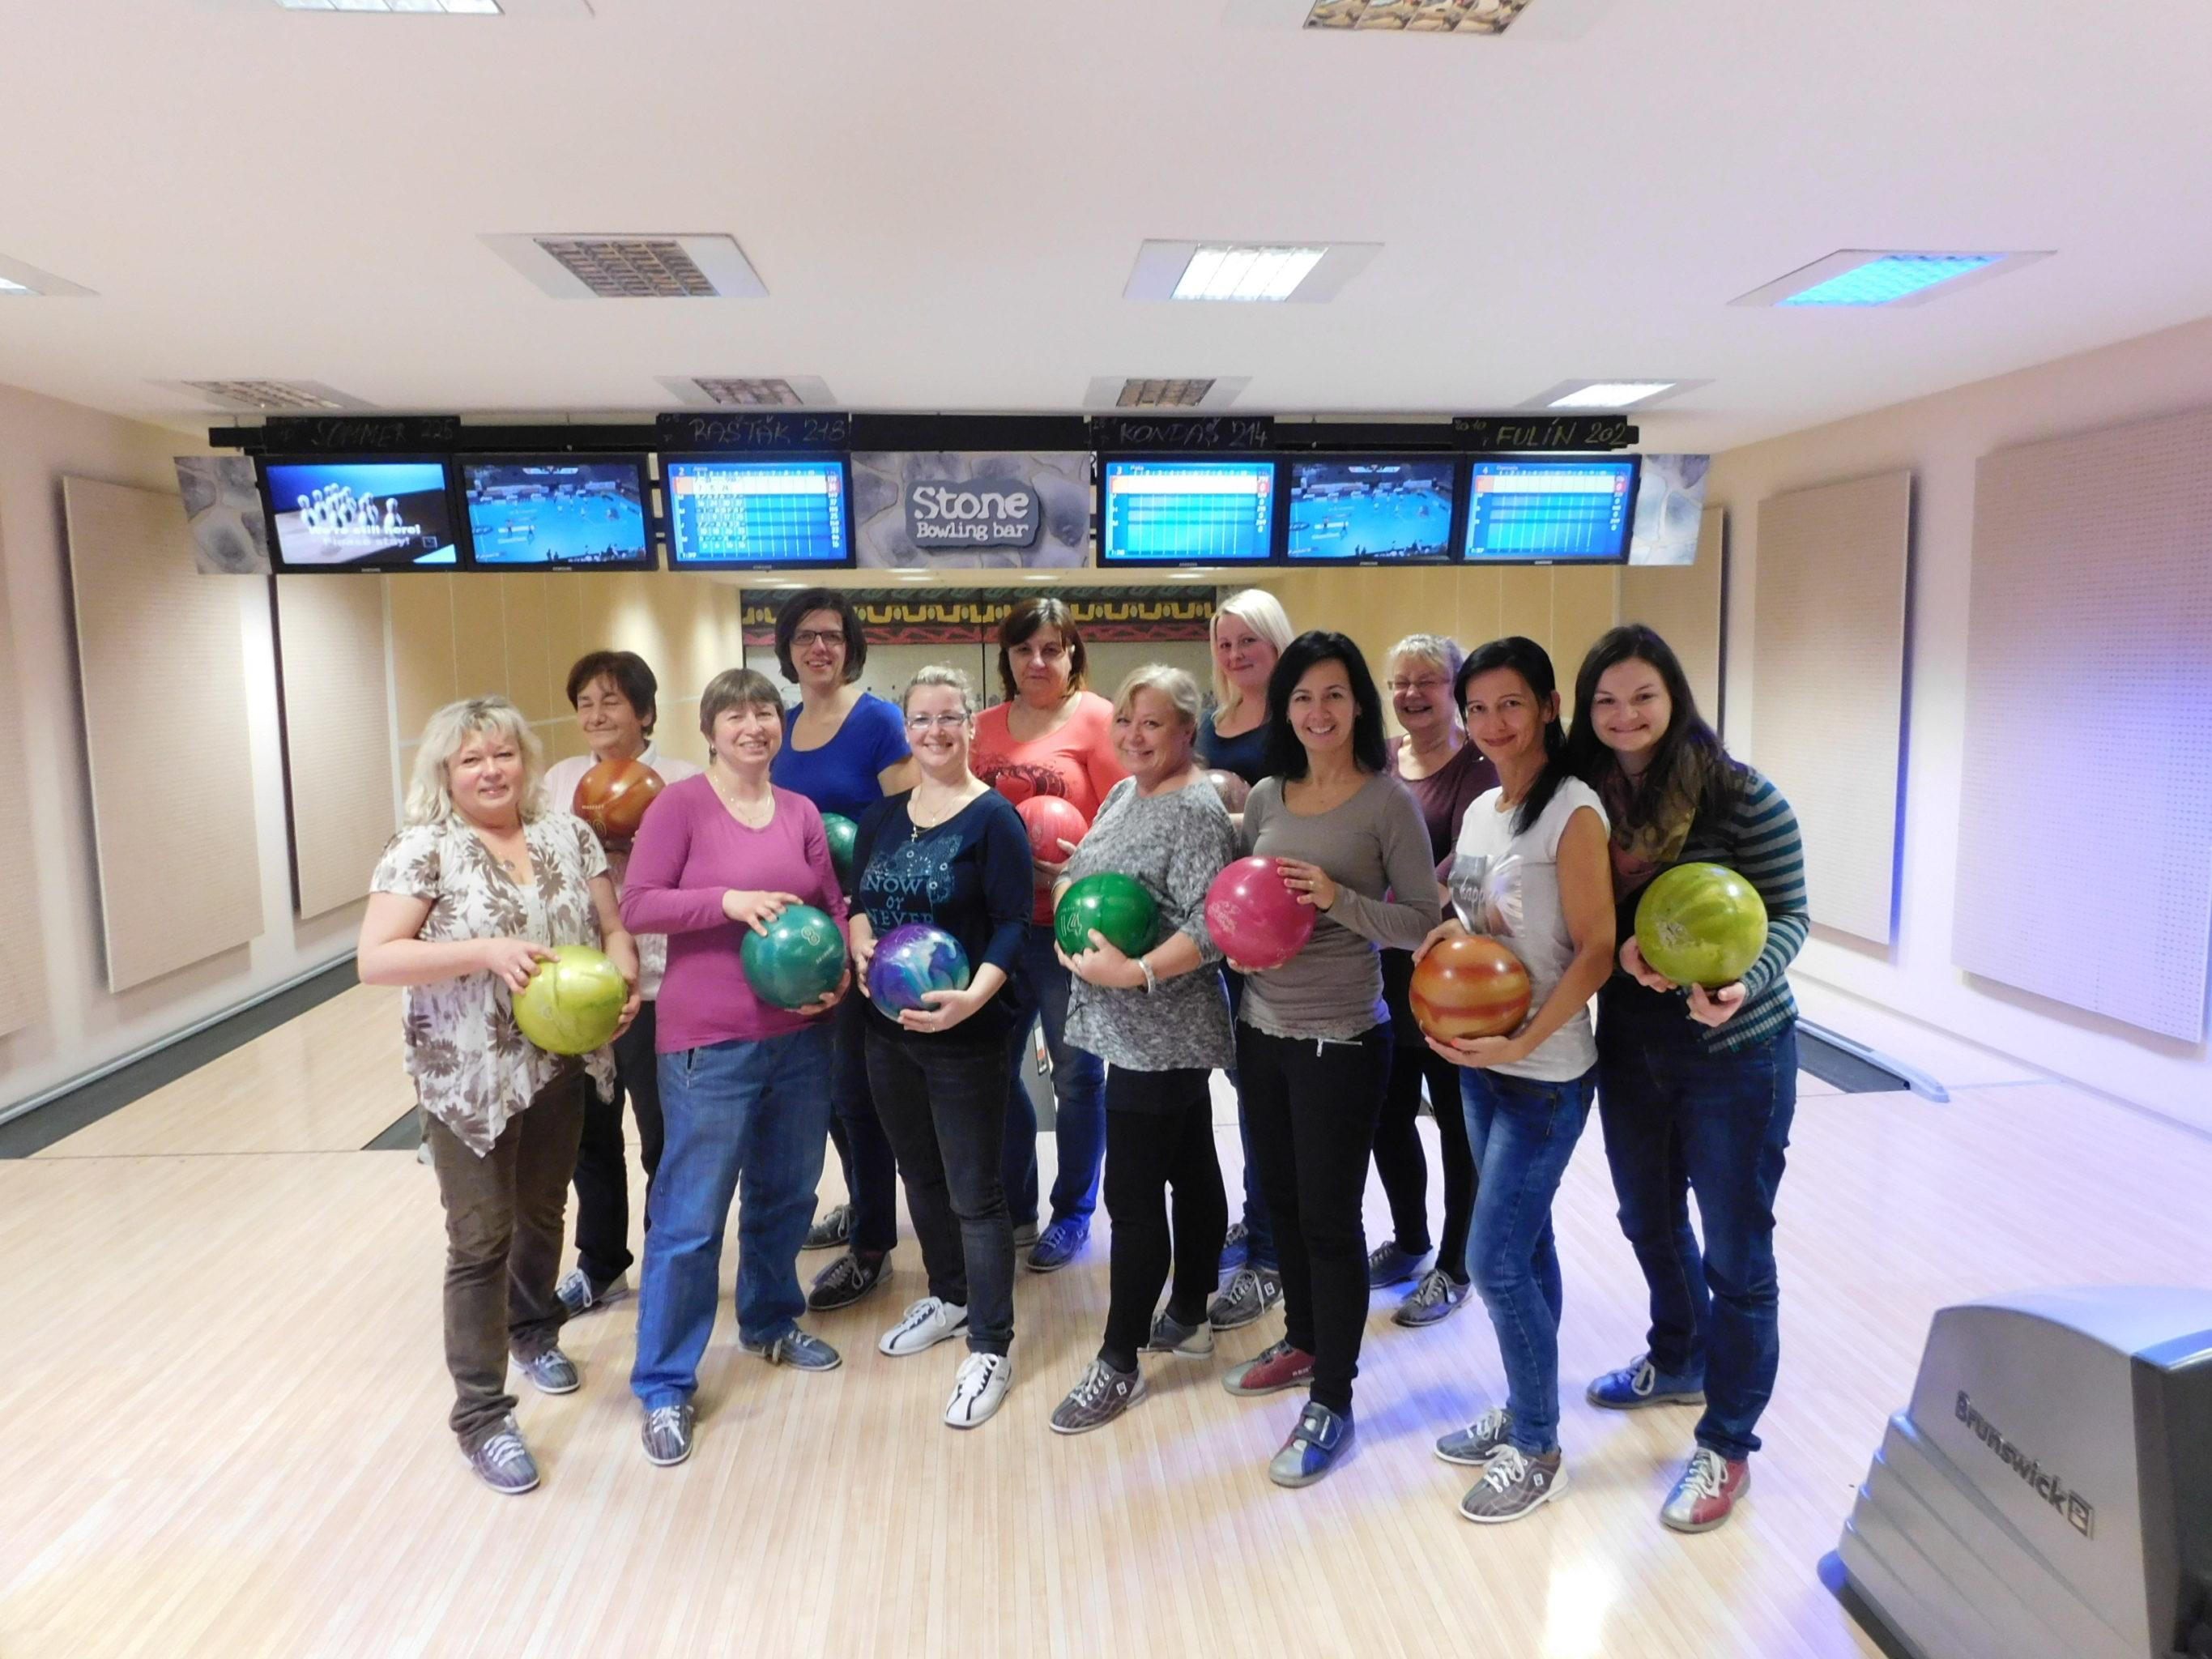 Vánoční večírek na bowlingu